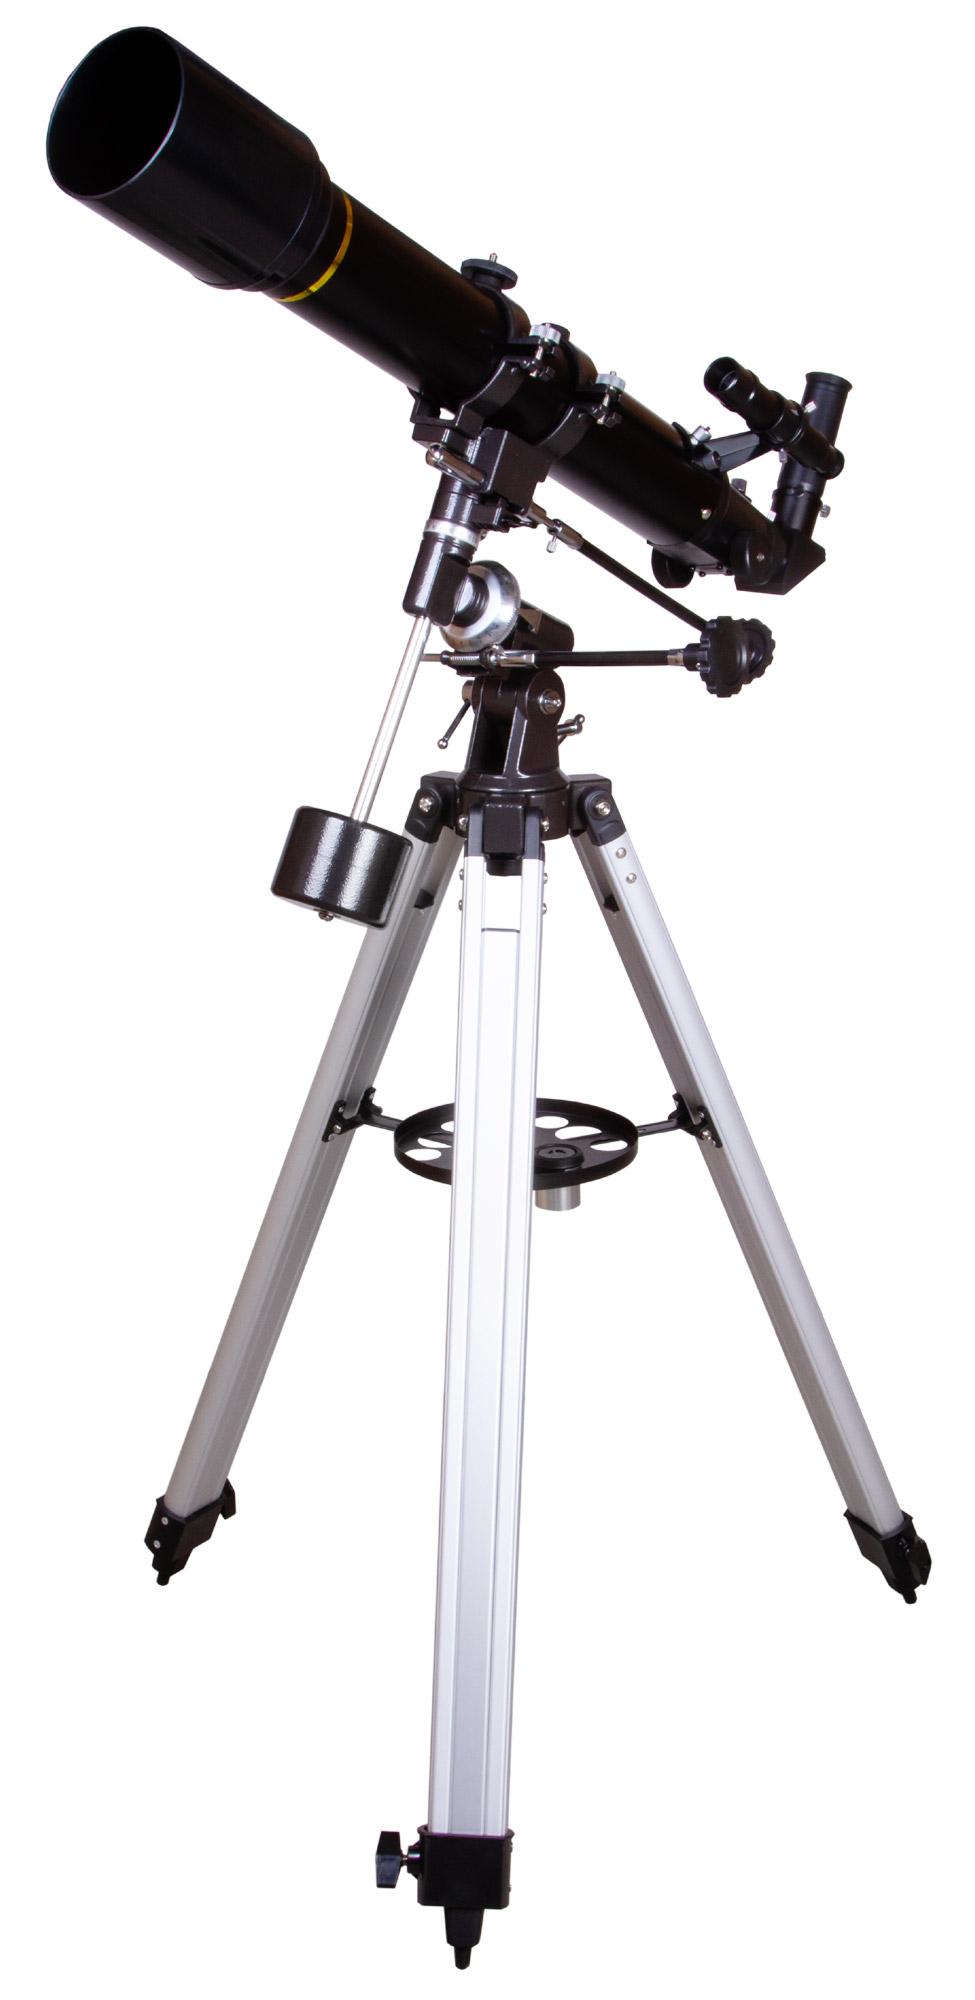 Картинка для Телескоп Levenhuk (Левенгук) Skyline PLUS 70T